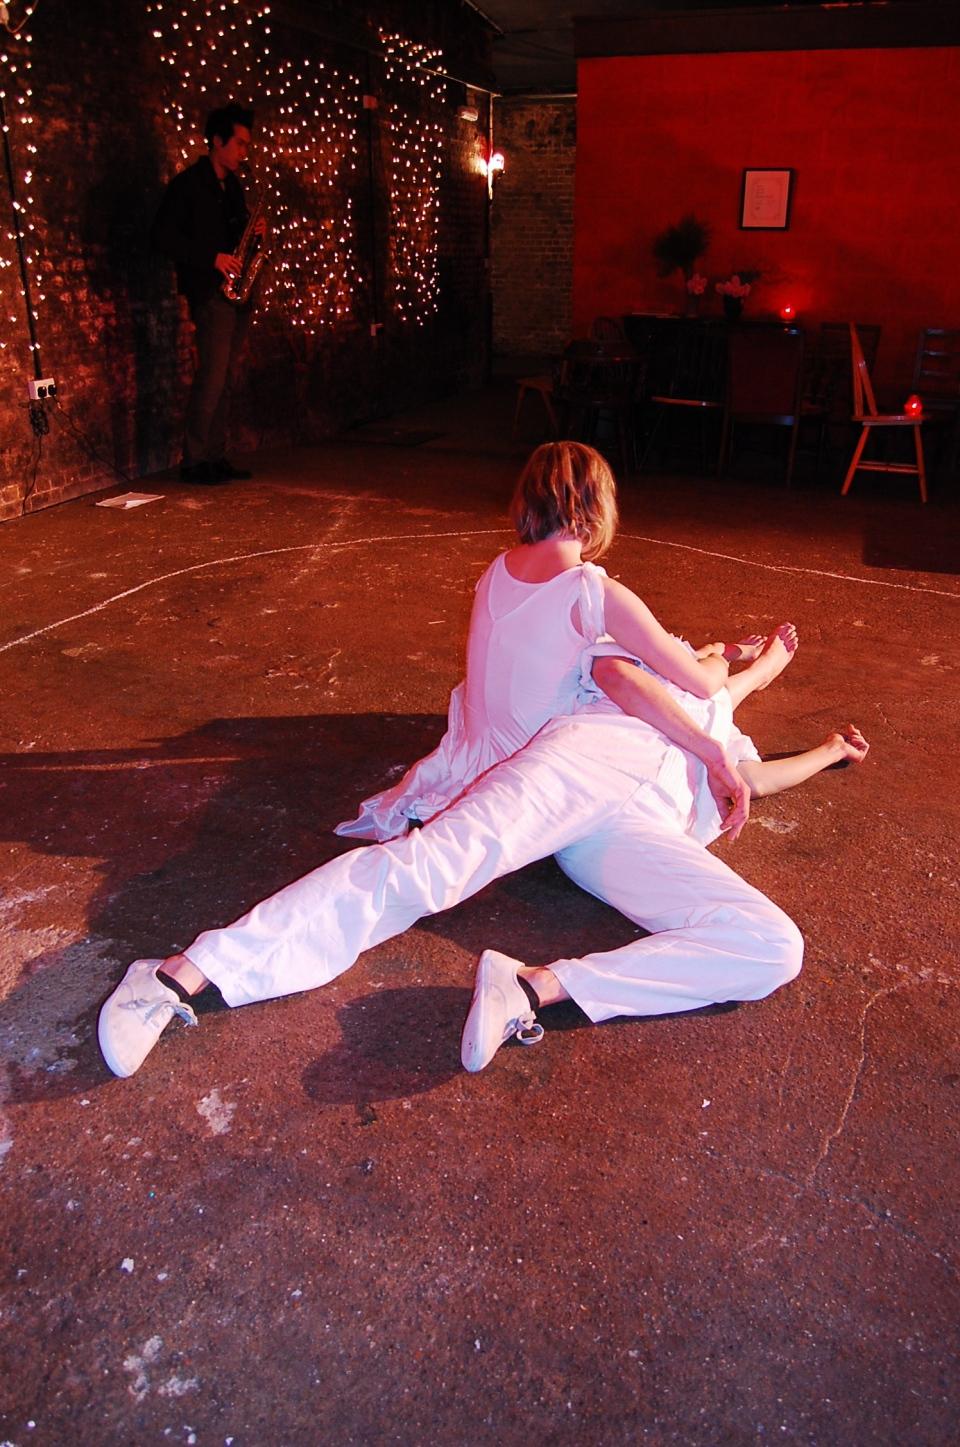 (c) 2009 Amy Poulsom